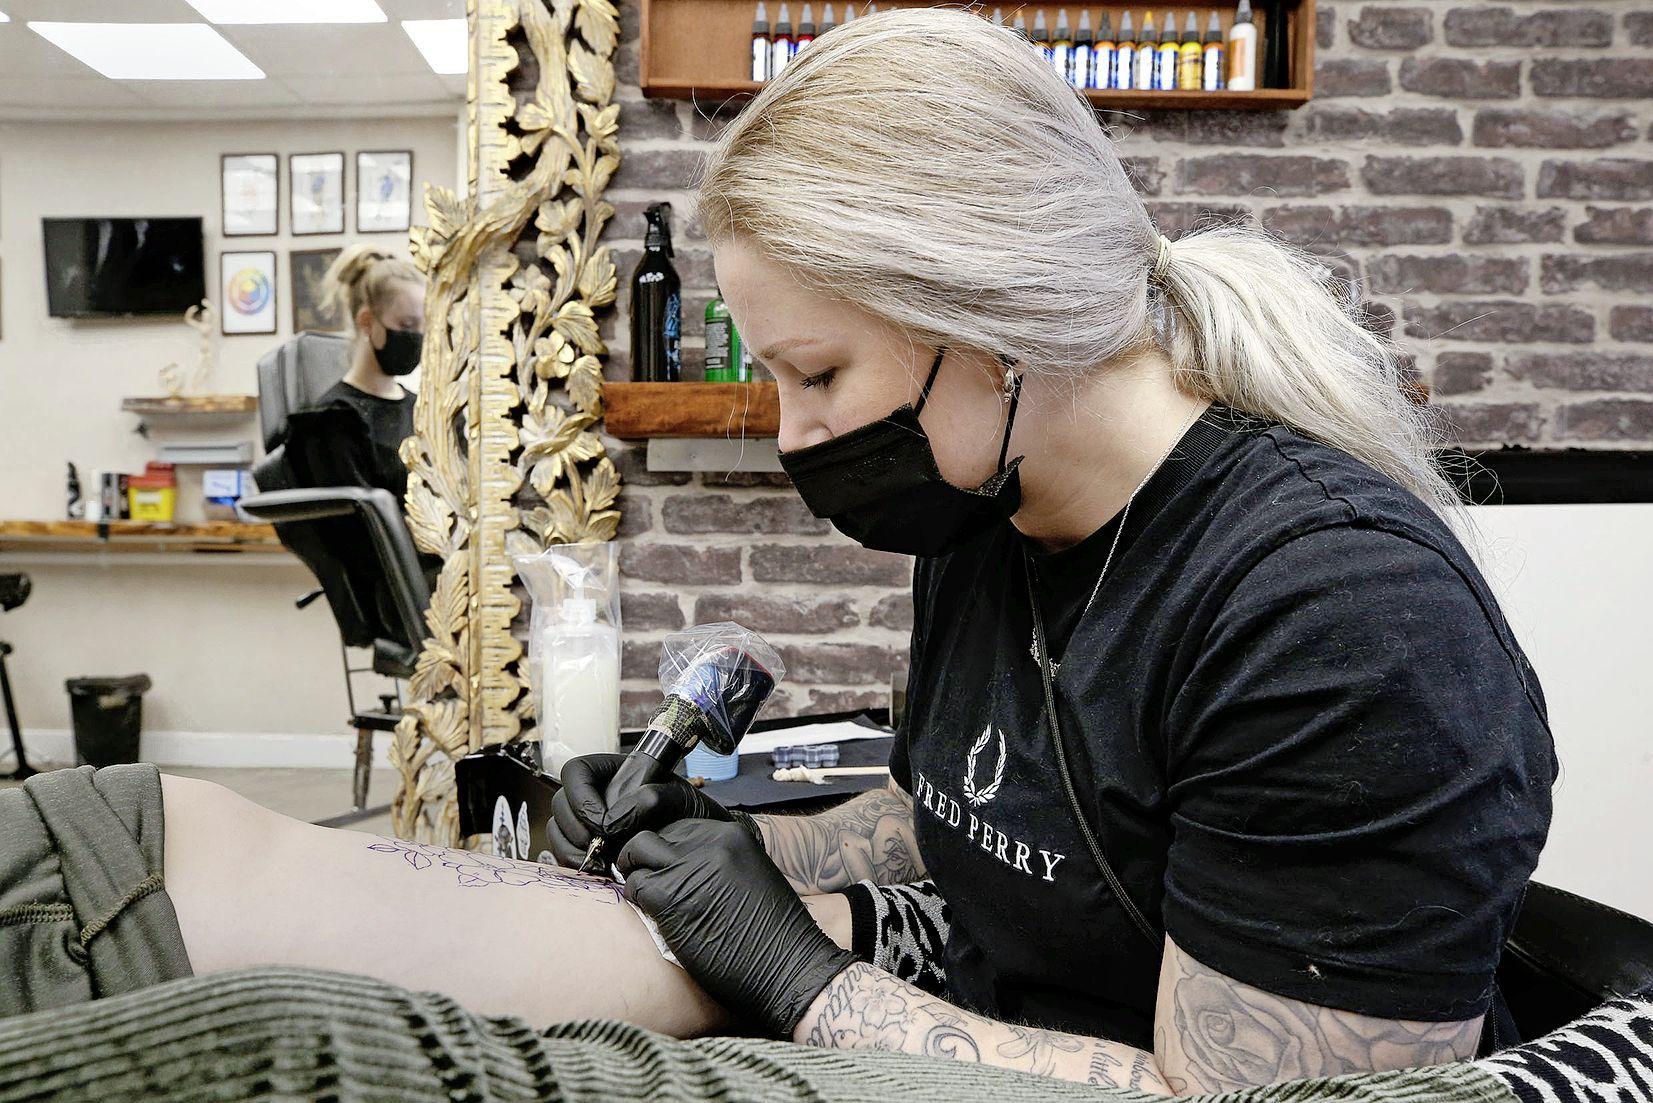 Er wordt weer geprikt. De agenda's van tatoeageshops in de Noordkop stromen vol. 'Het is toch raar dat wij nooit zijn genoemd tijdens de persconferenties?'